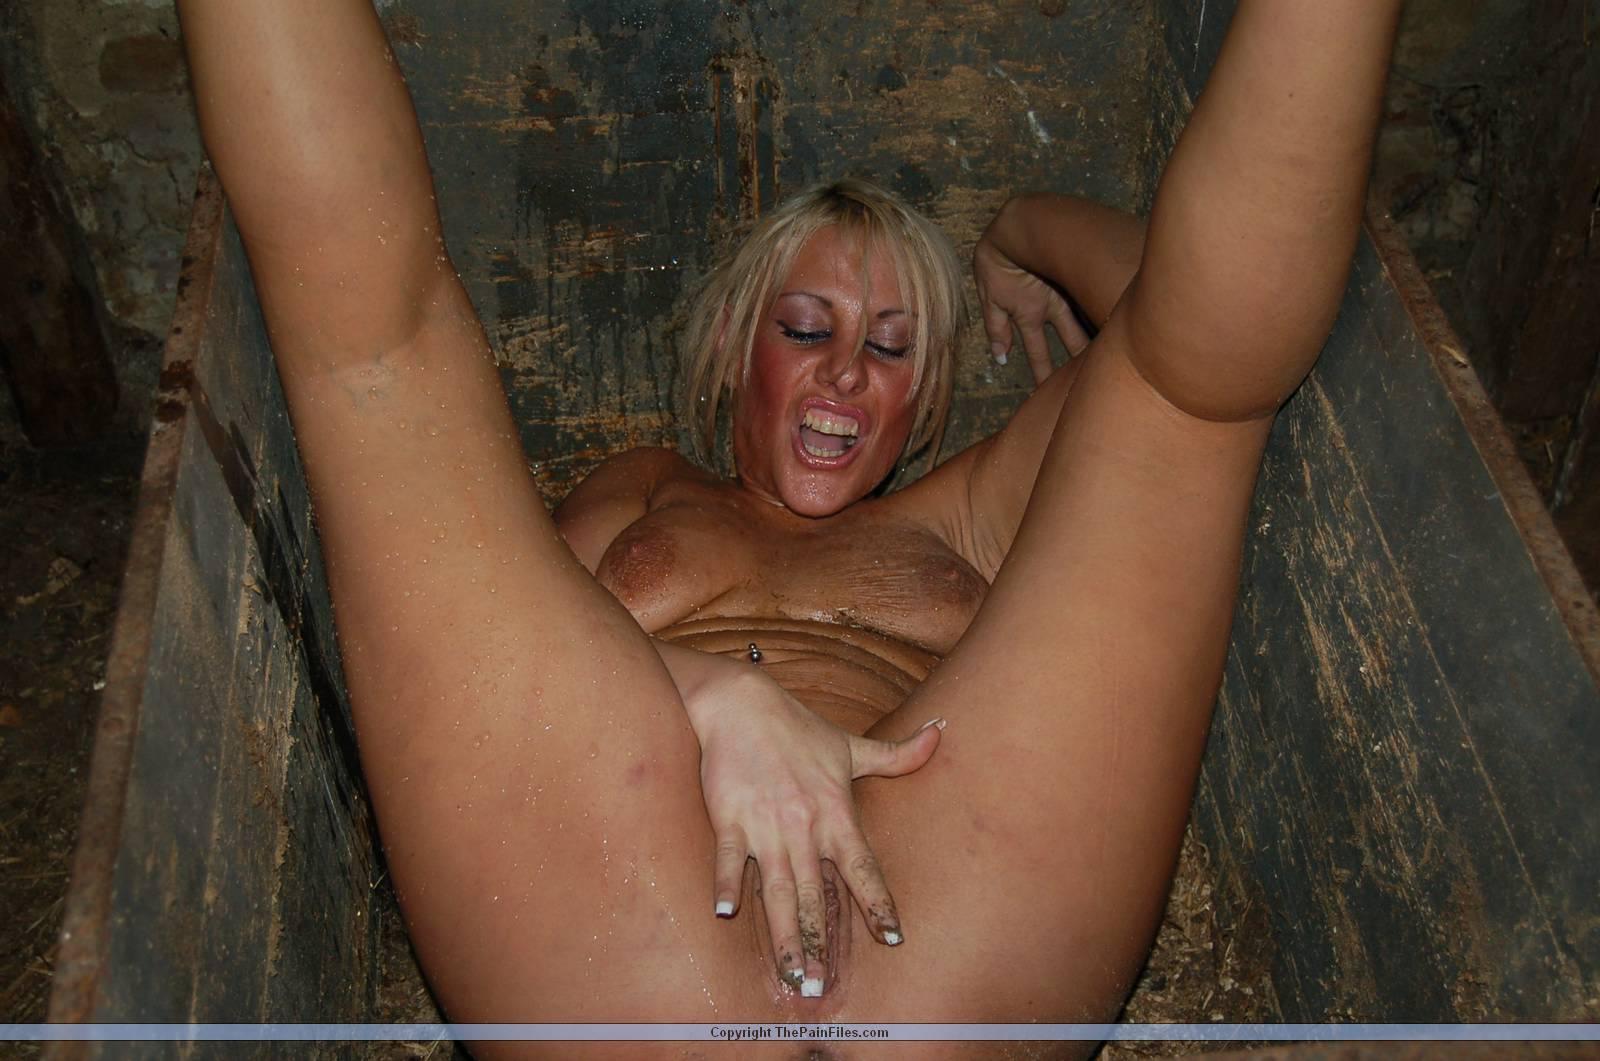 Фото грязные шлюшки, Грязные шлюшки с большими голыми попками 13 фотография